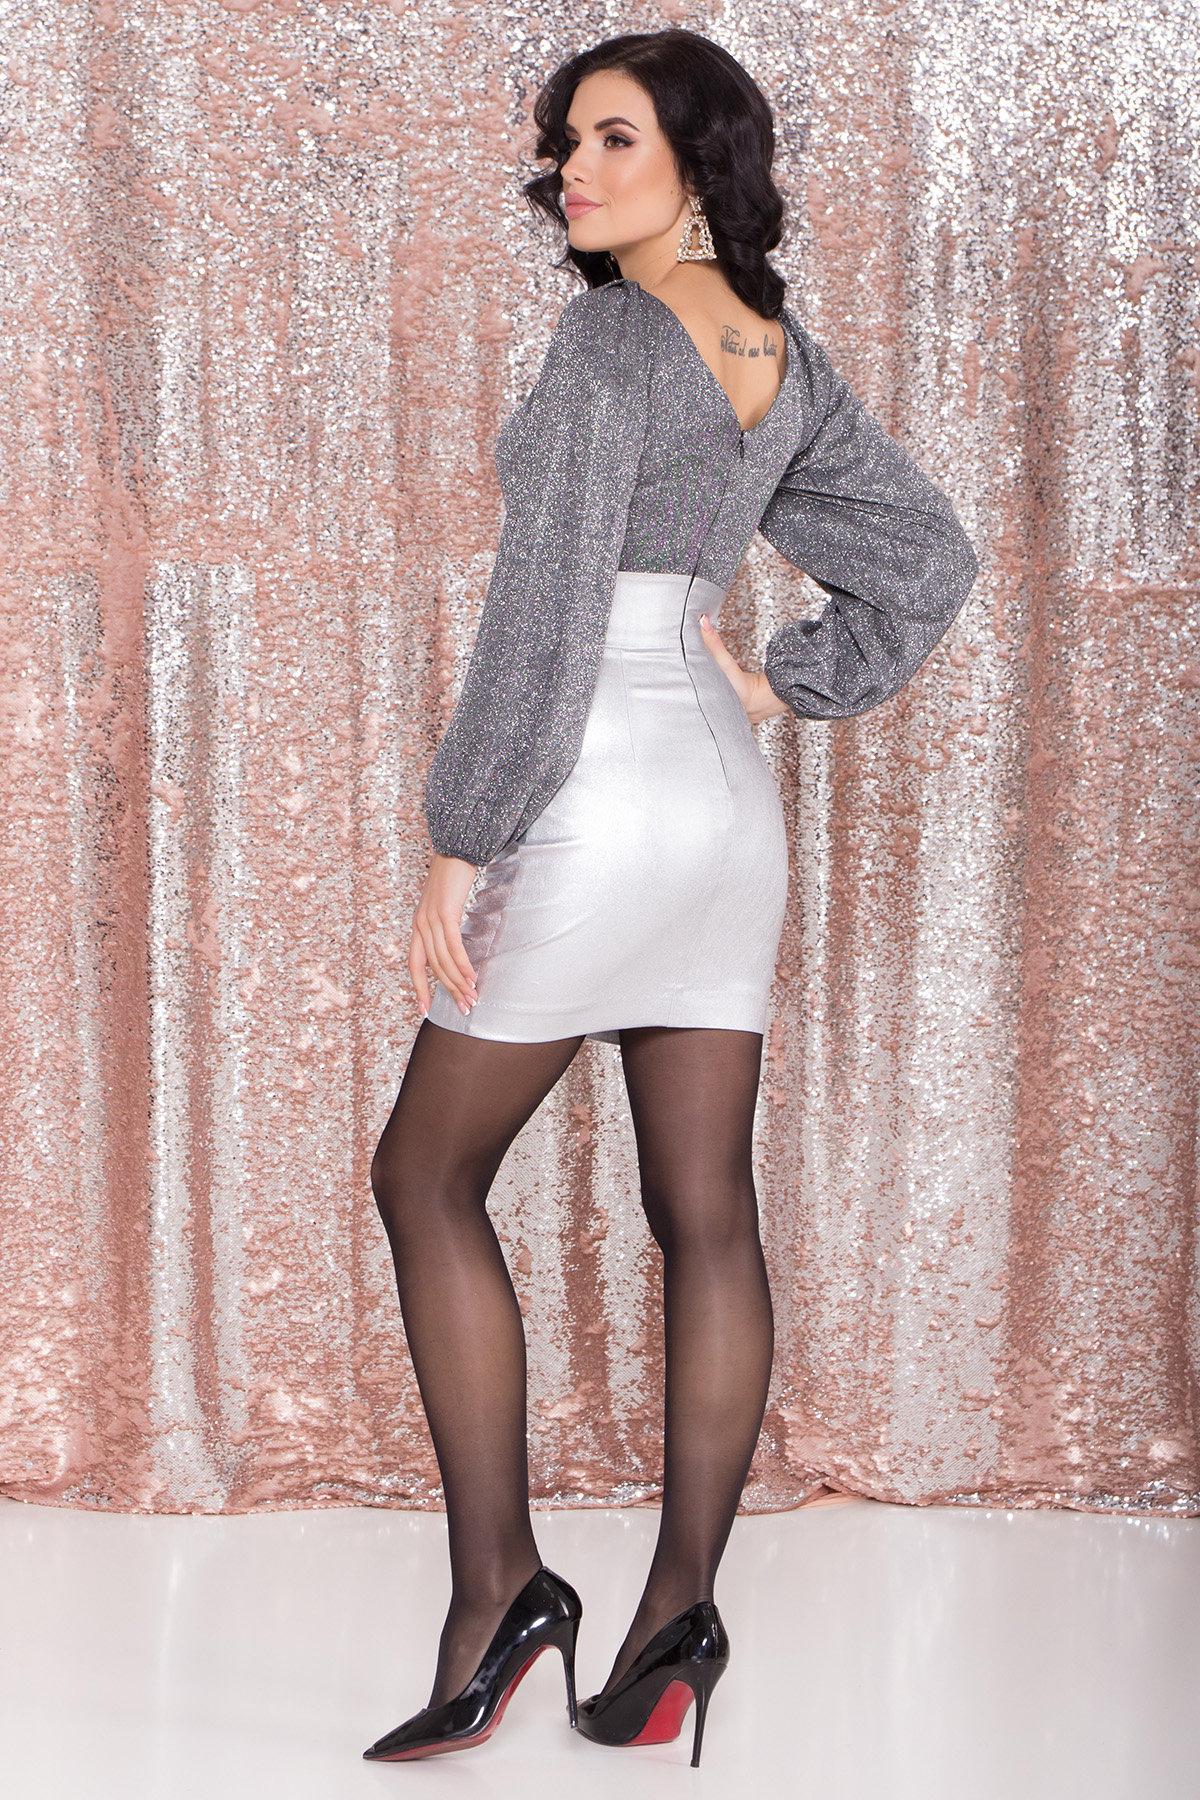 Платье с драпировкой Линси 8534 АРТ. 44973 Цвет: Серебро 2 - фото 6, интернет магазин tm-modus.ru